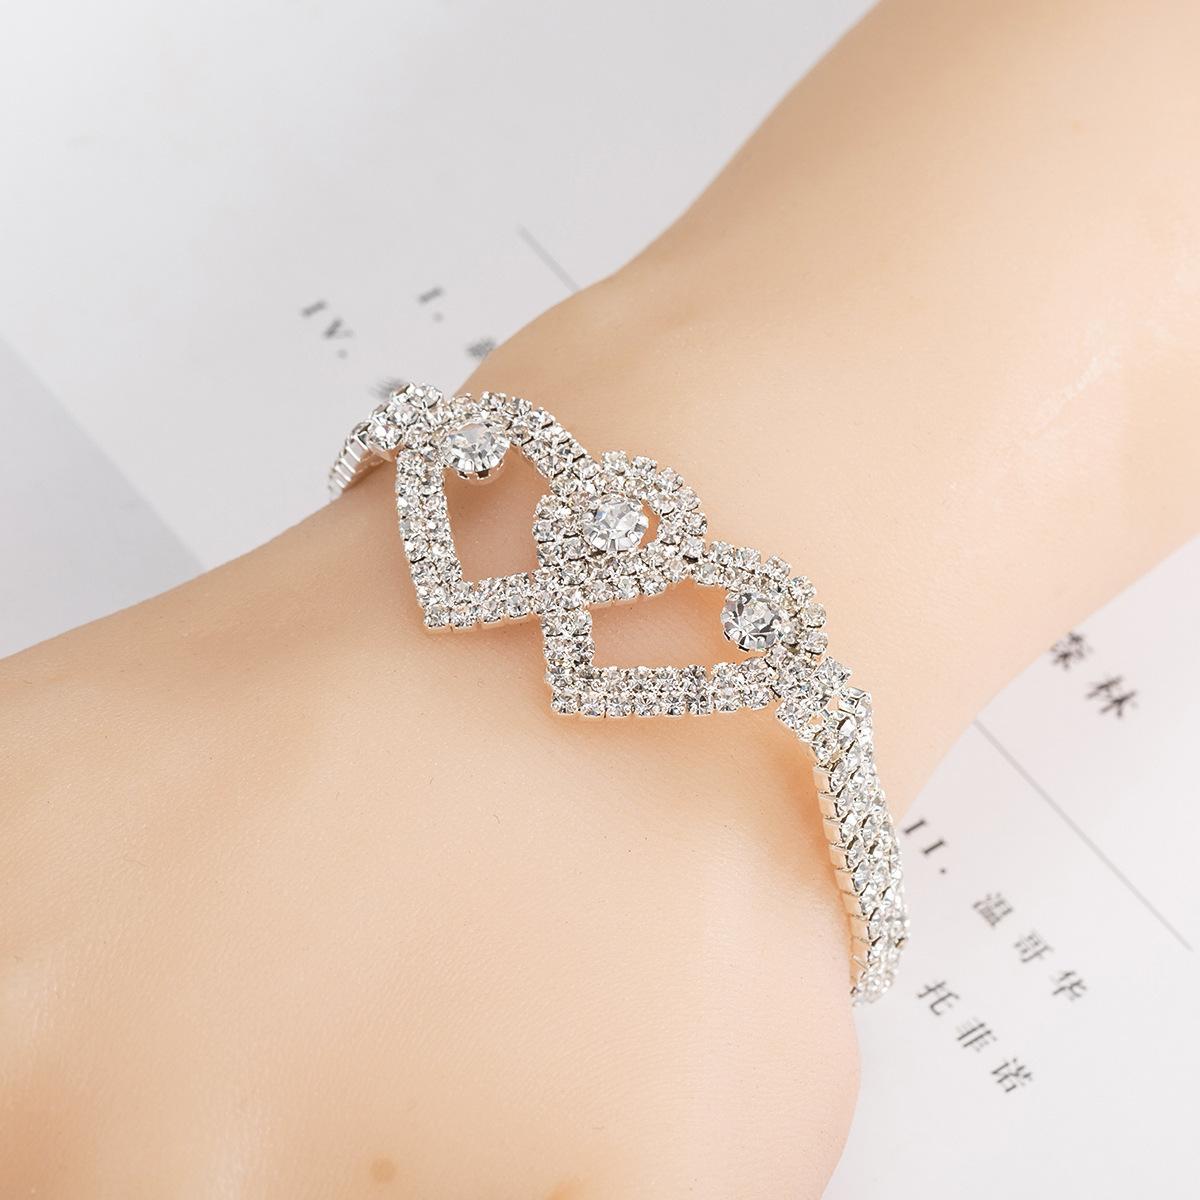 سلسلة أزياء مزدوج الحب القلب حجر الراين كامل أساور ذهبية فضية اللون وصلة للمرأة الحب هدية